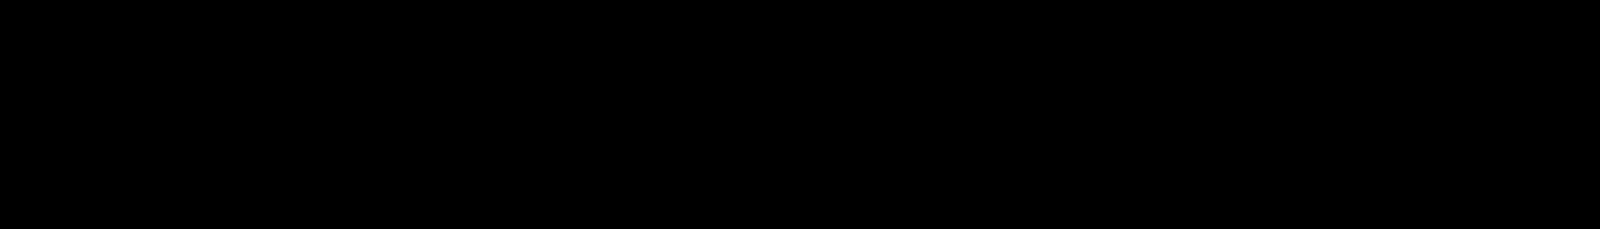 Line Art Design Png : Image transparent scroll line animal jam clans